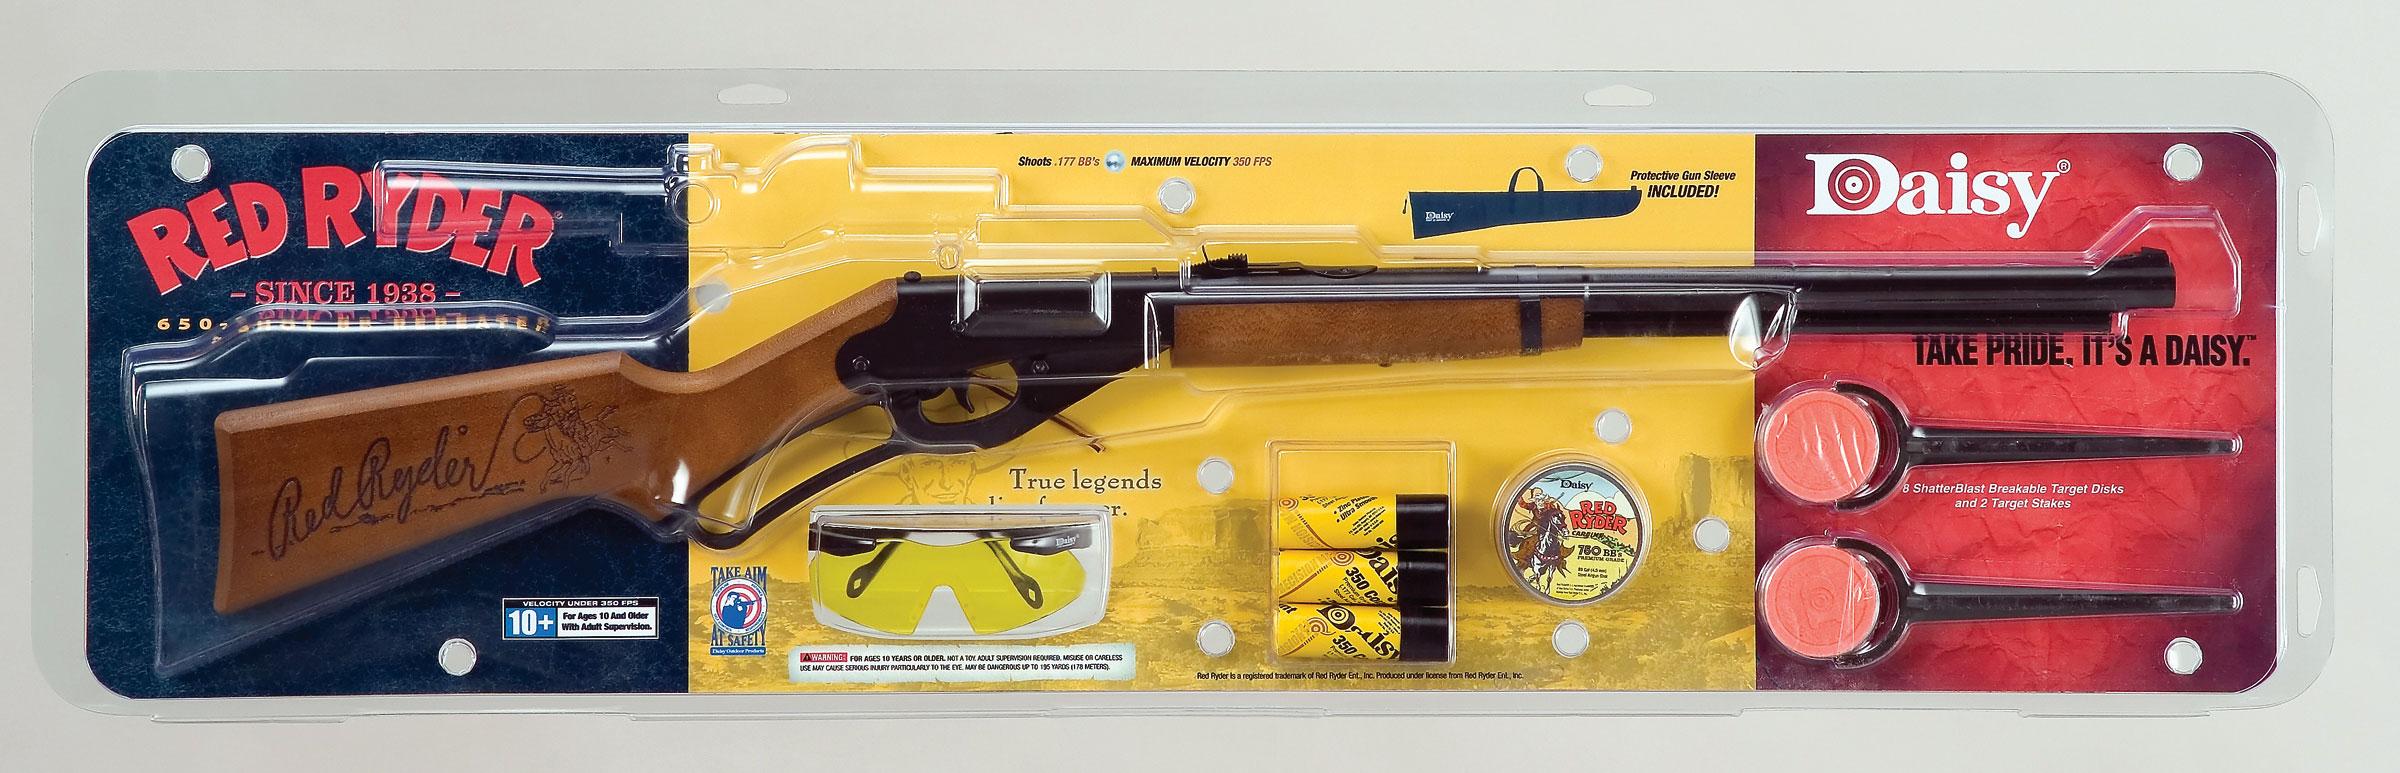 Image result for red ryder bb gun